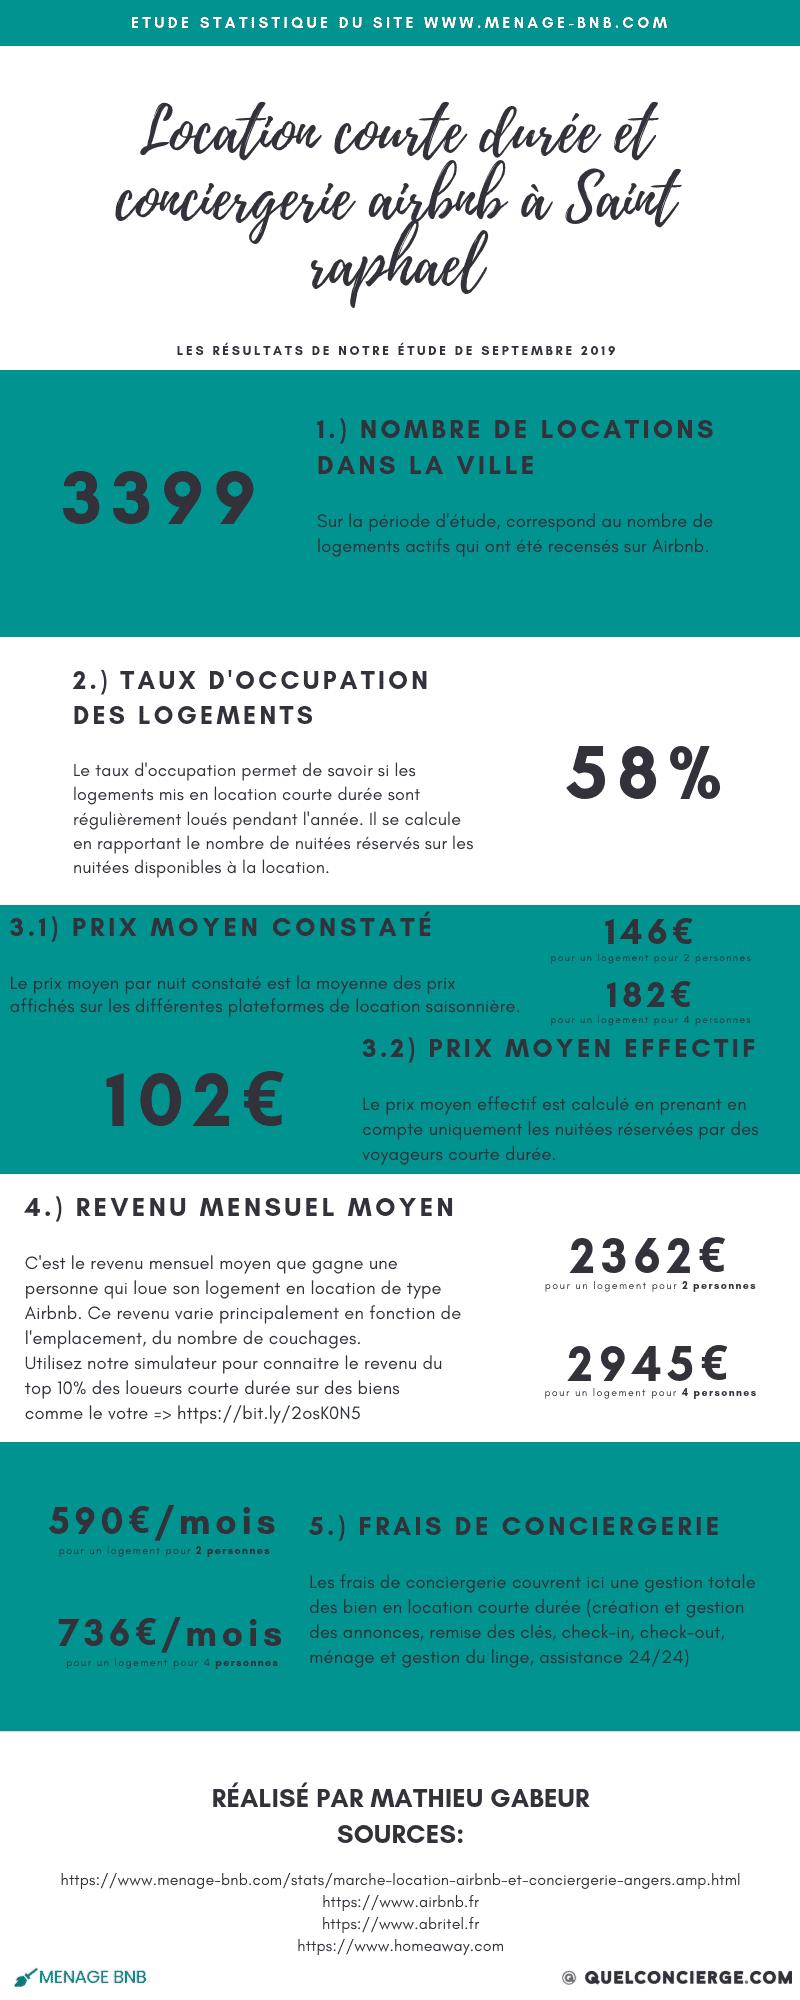 Infographie statistique location courte durée et conciergerie Airbnb à saint raphael